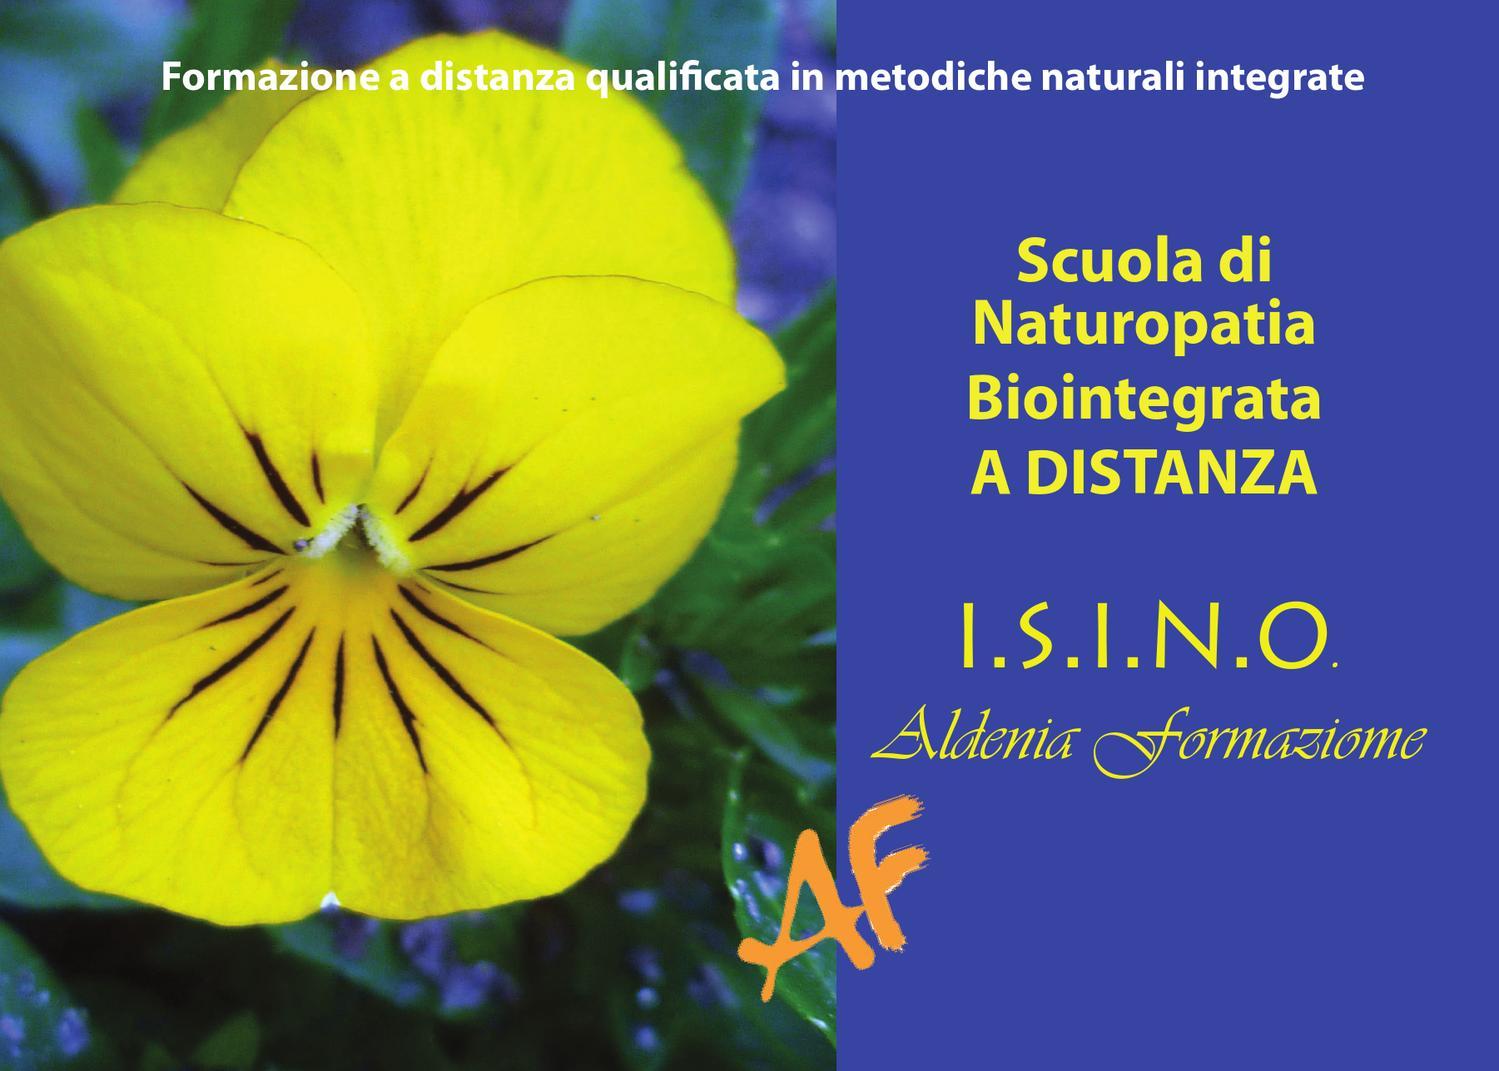 Scuola di Naturopatia Biointegrata a distanza